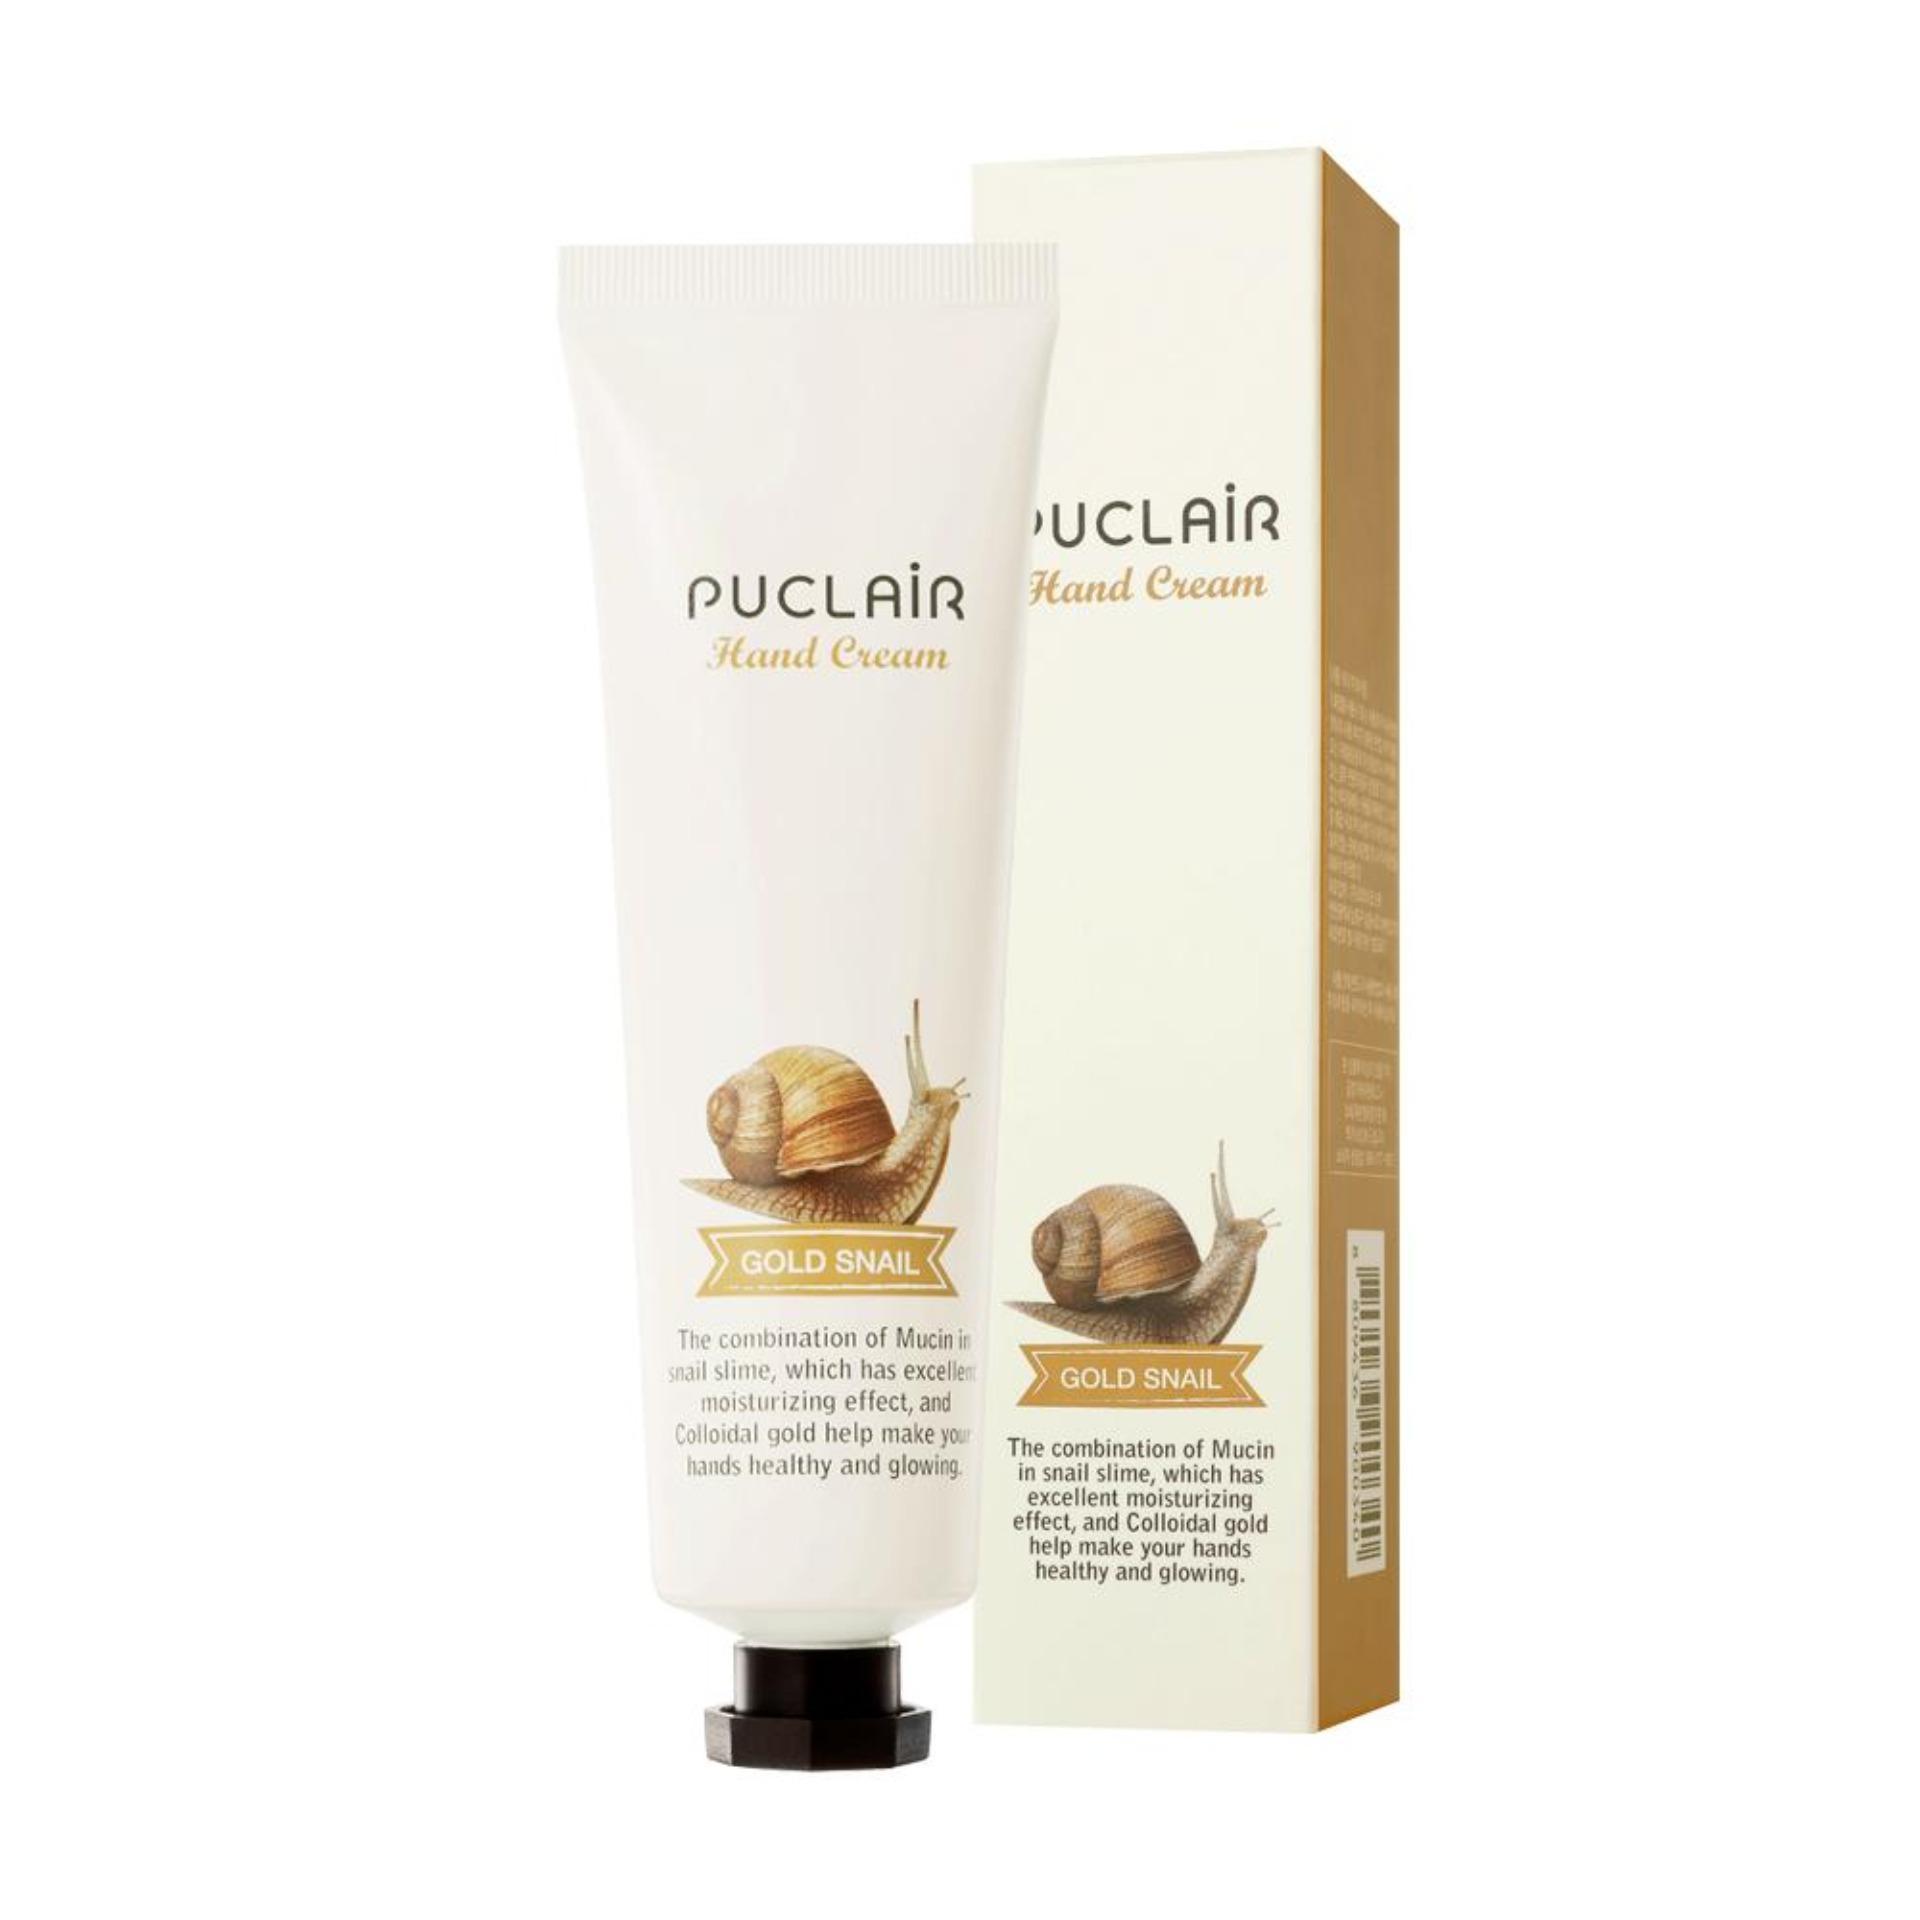 Kem dưỡng tay cấp ẩm dưỡng mềm da Hàn Quốc Puclair Hand Cream 50ml - Gold Snail chính hãng